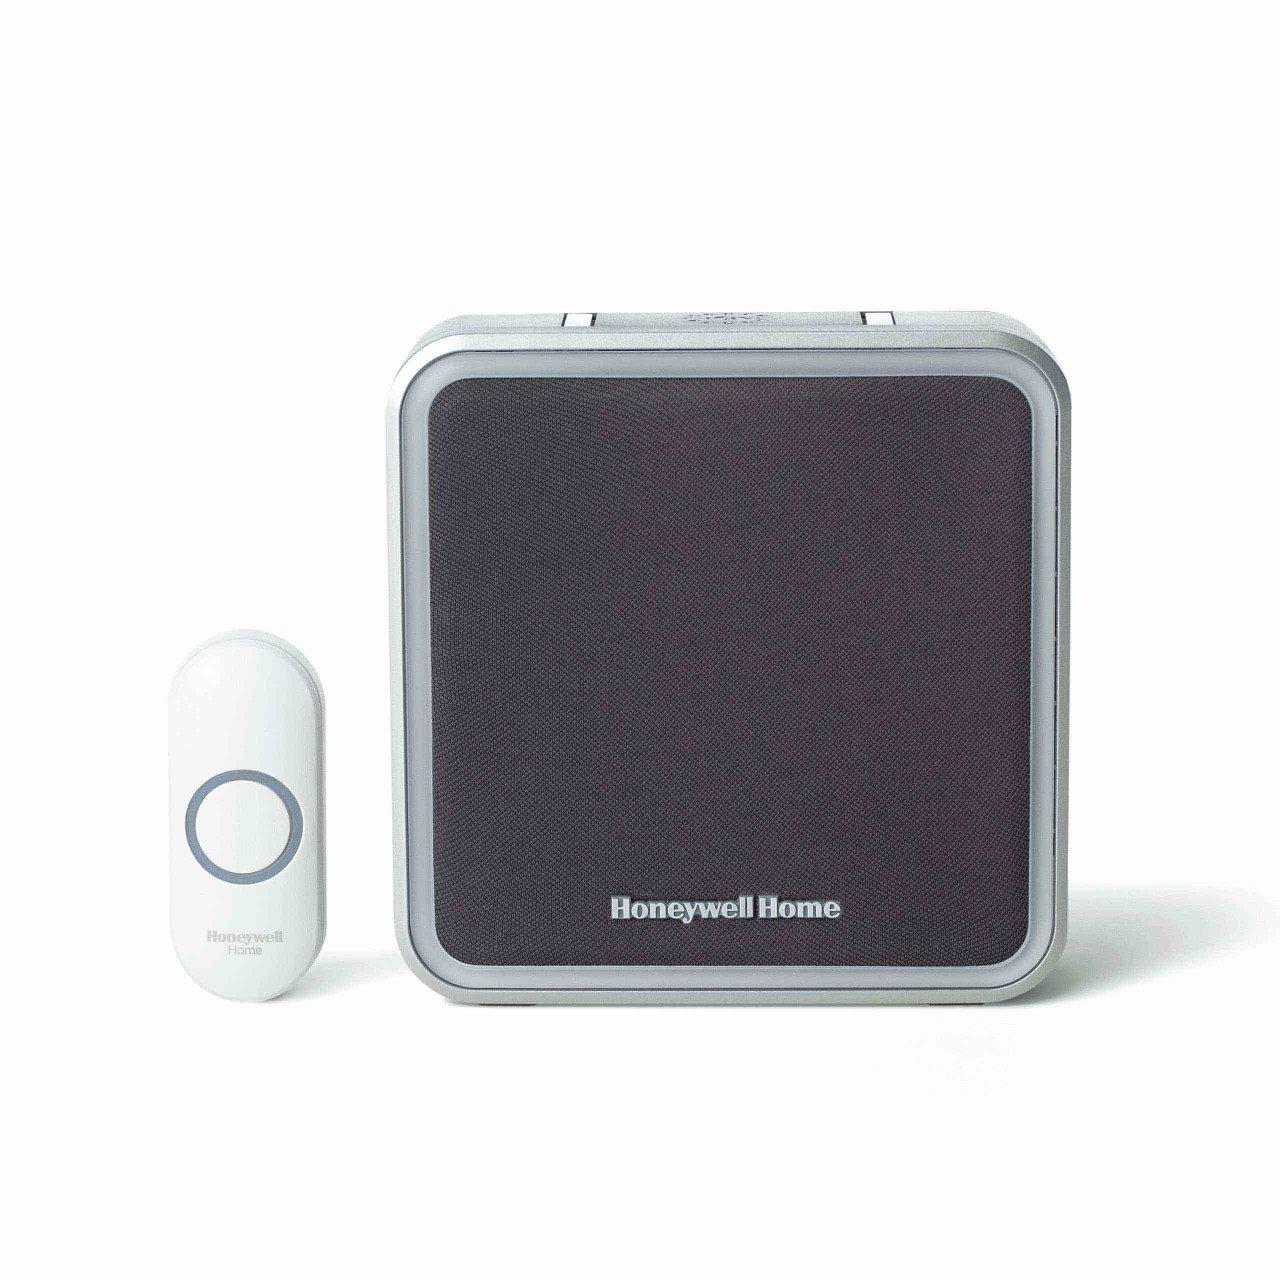 Honeywell Home RDWL415A Wireless Doorbell Gray